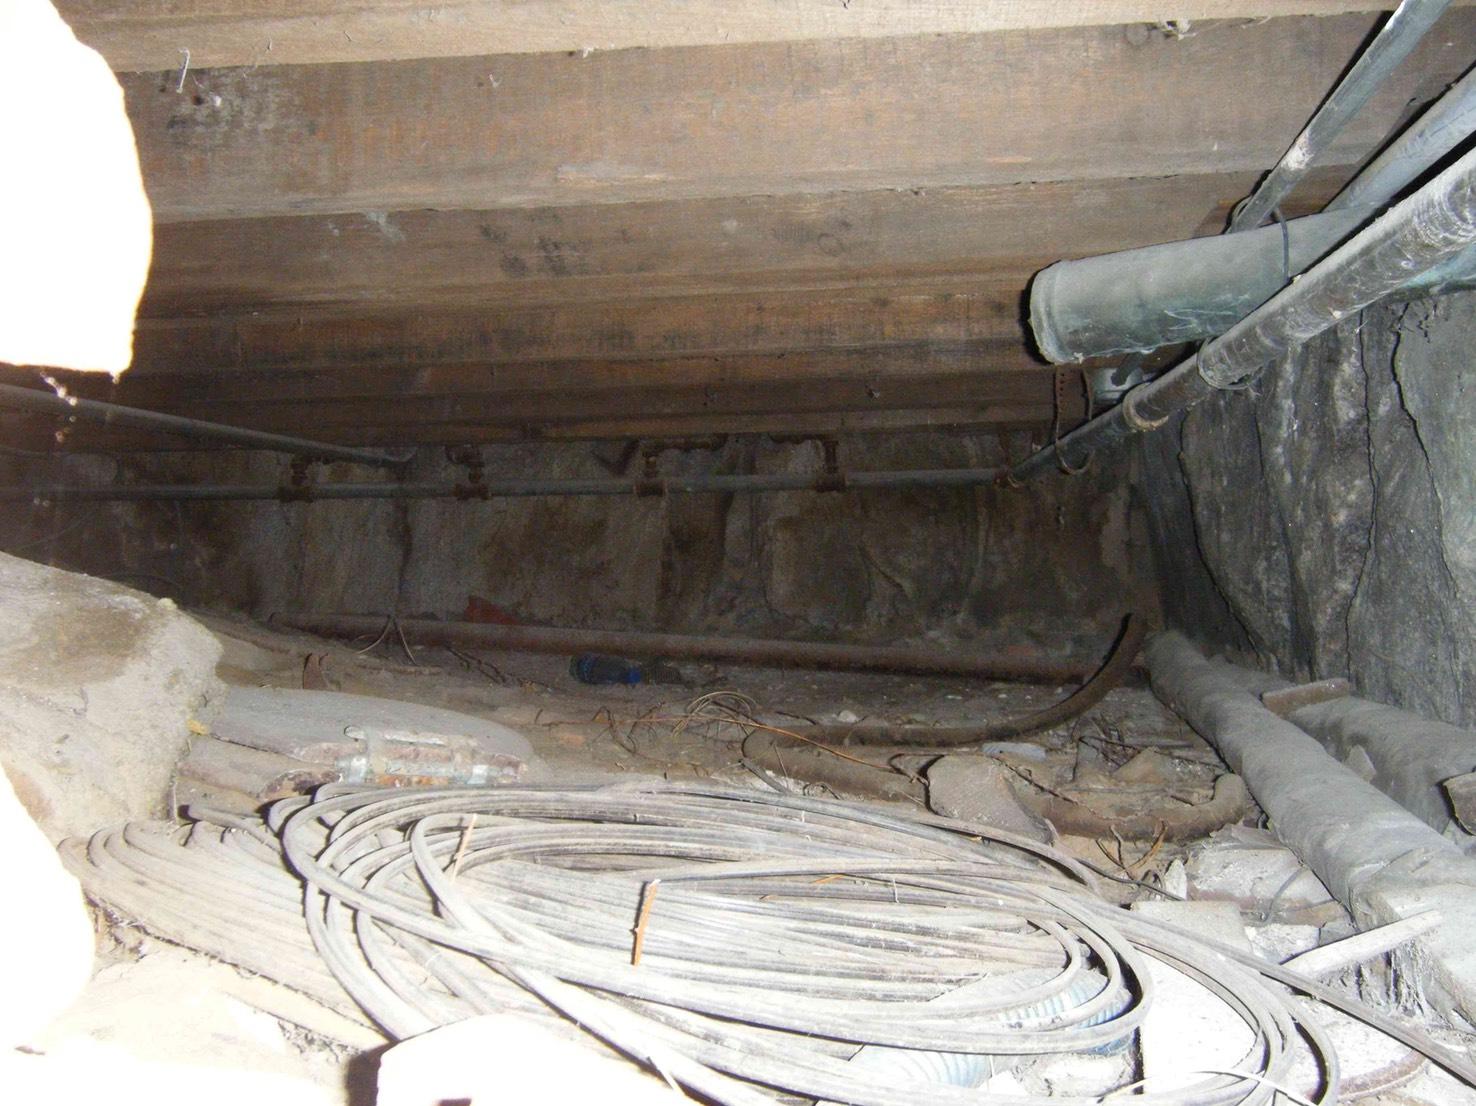 Cellar Pomham Rocks Lighthouseest1871 Riverside Rhode Island Wiring Dscf5793